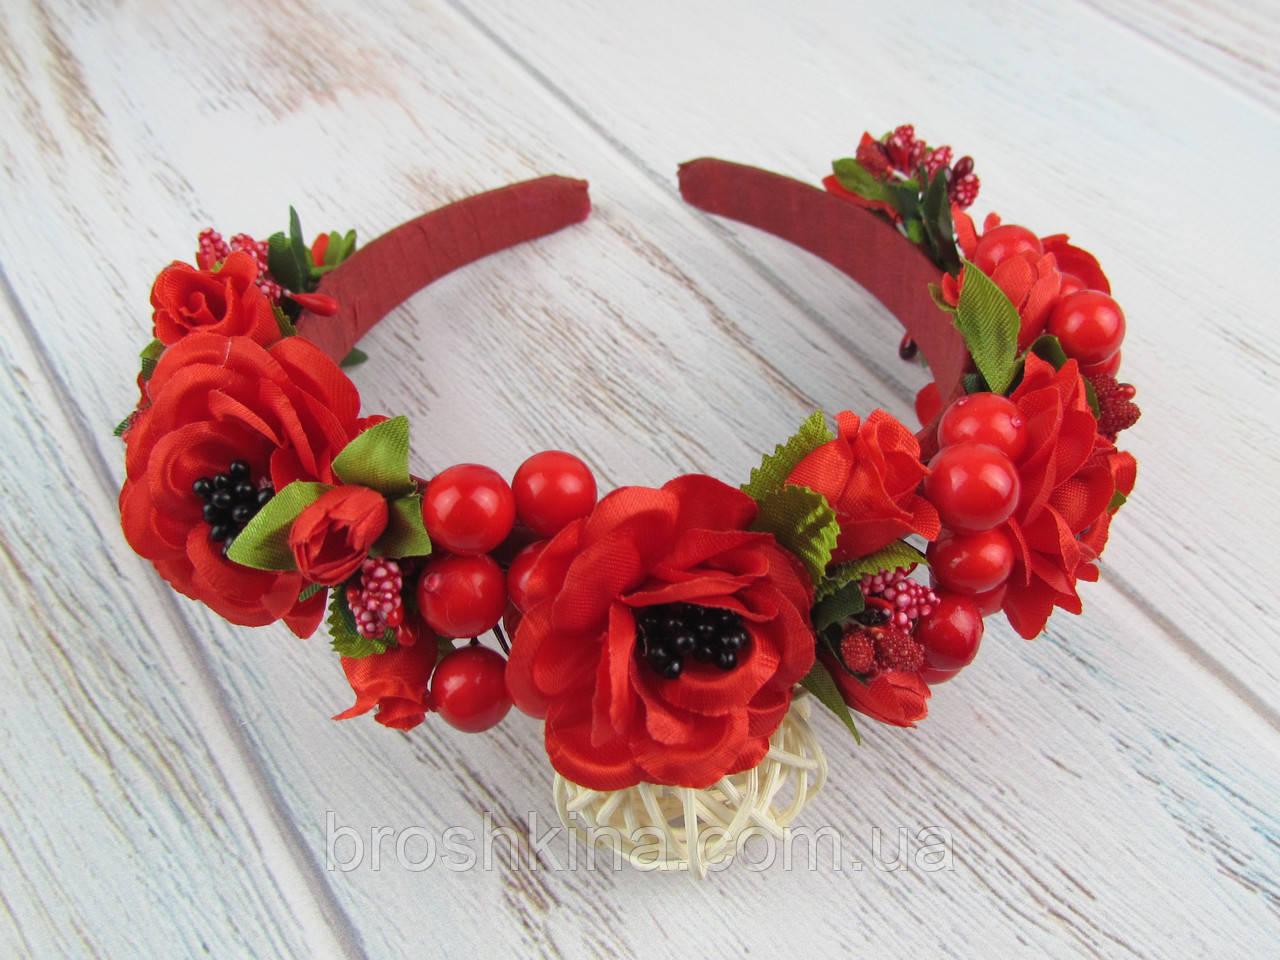 Обруч-венок с розами и калиной красный ручная работа